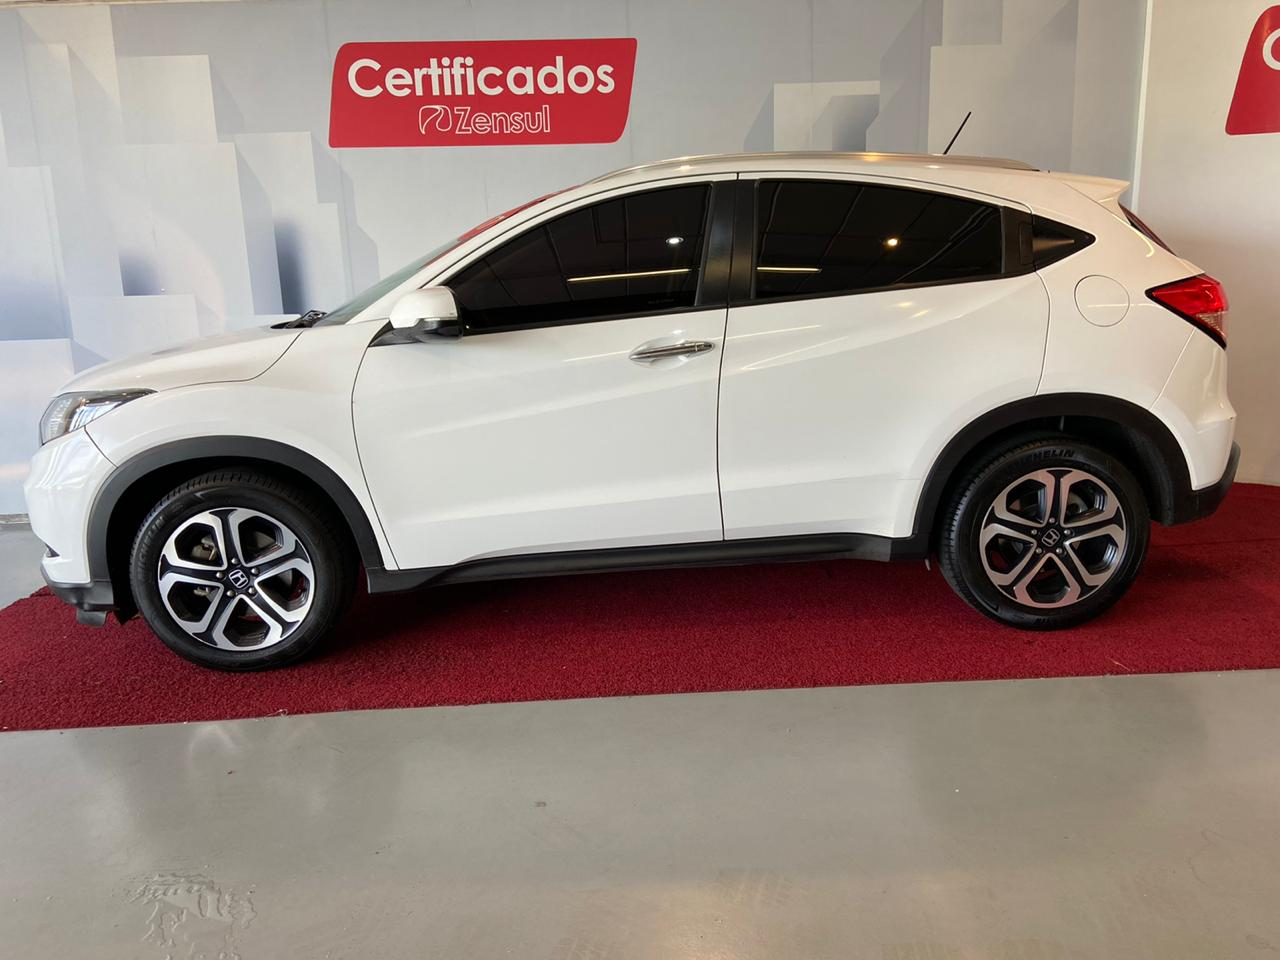 Comprar seminovo Honda HR-V EXL 1.8 Flexone 16V 5p Aut. no Certificados Zensul